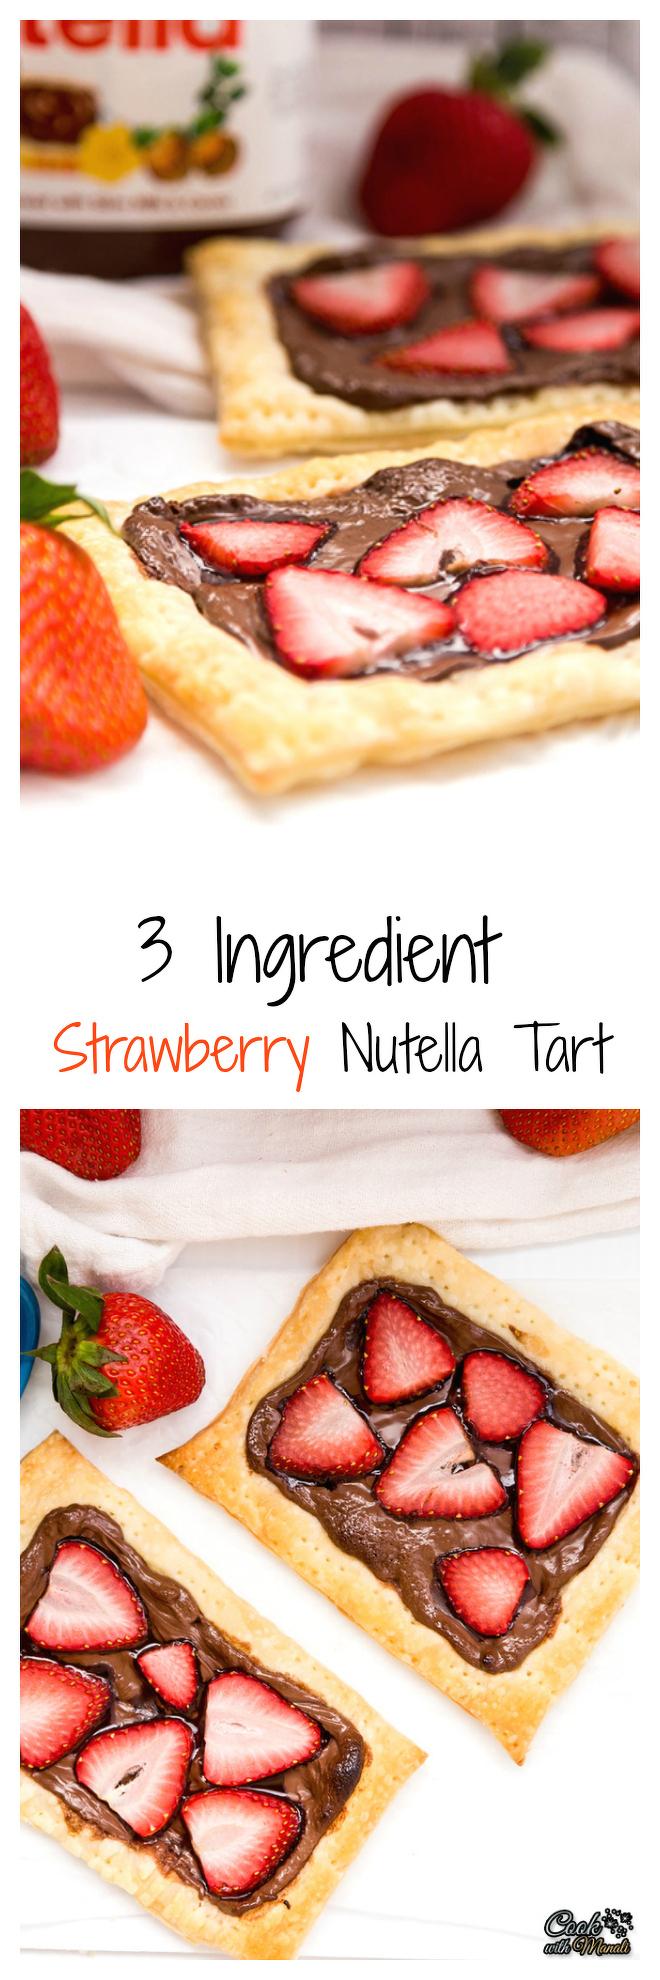 3-Ingredient-Strawberry-Nutella-Tart-Collage-nocwm